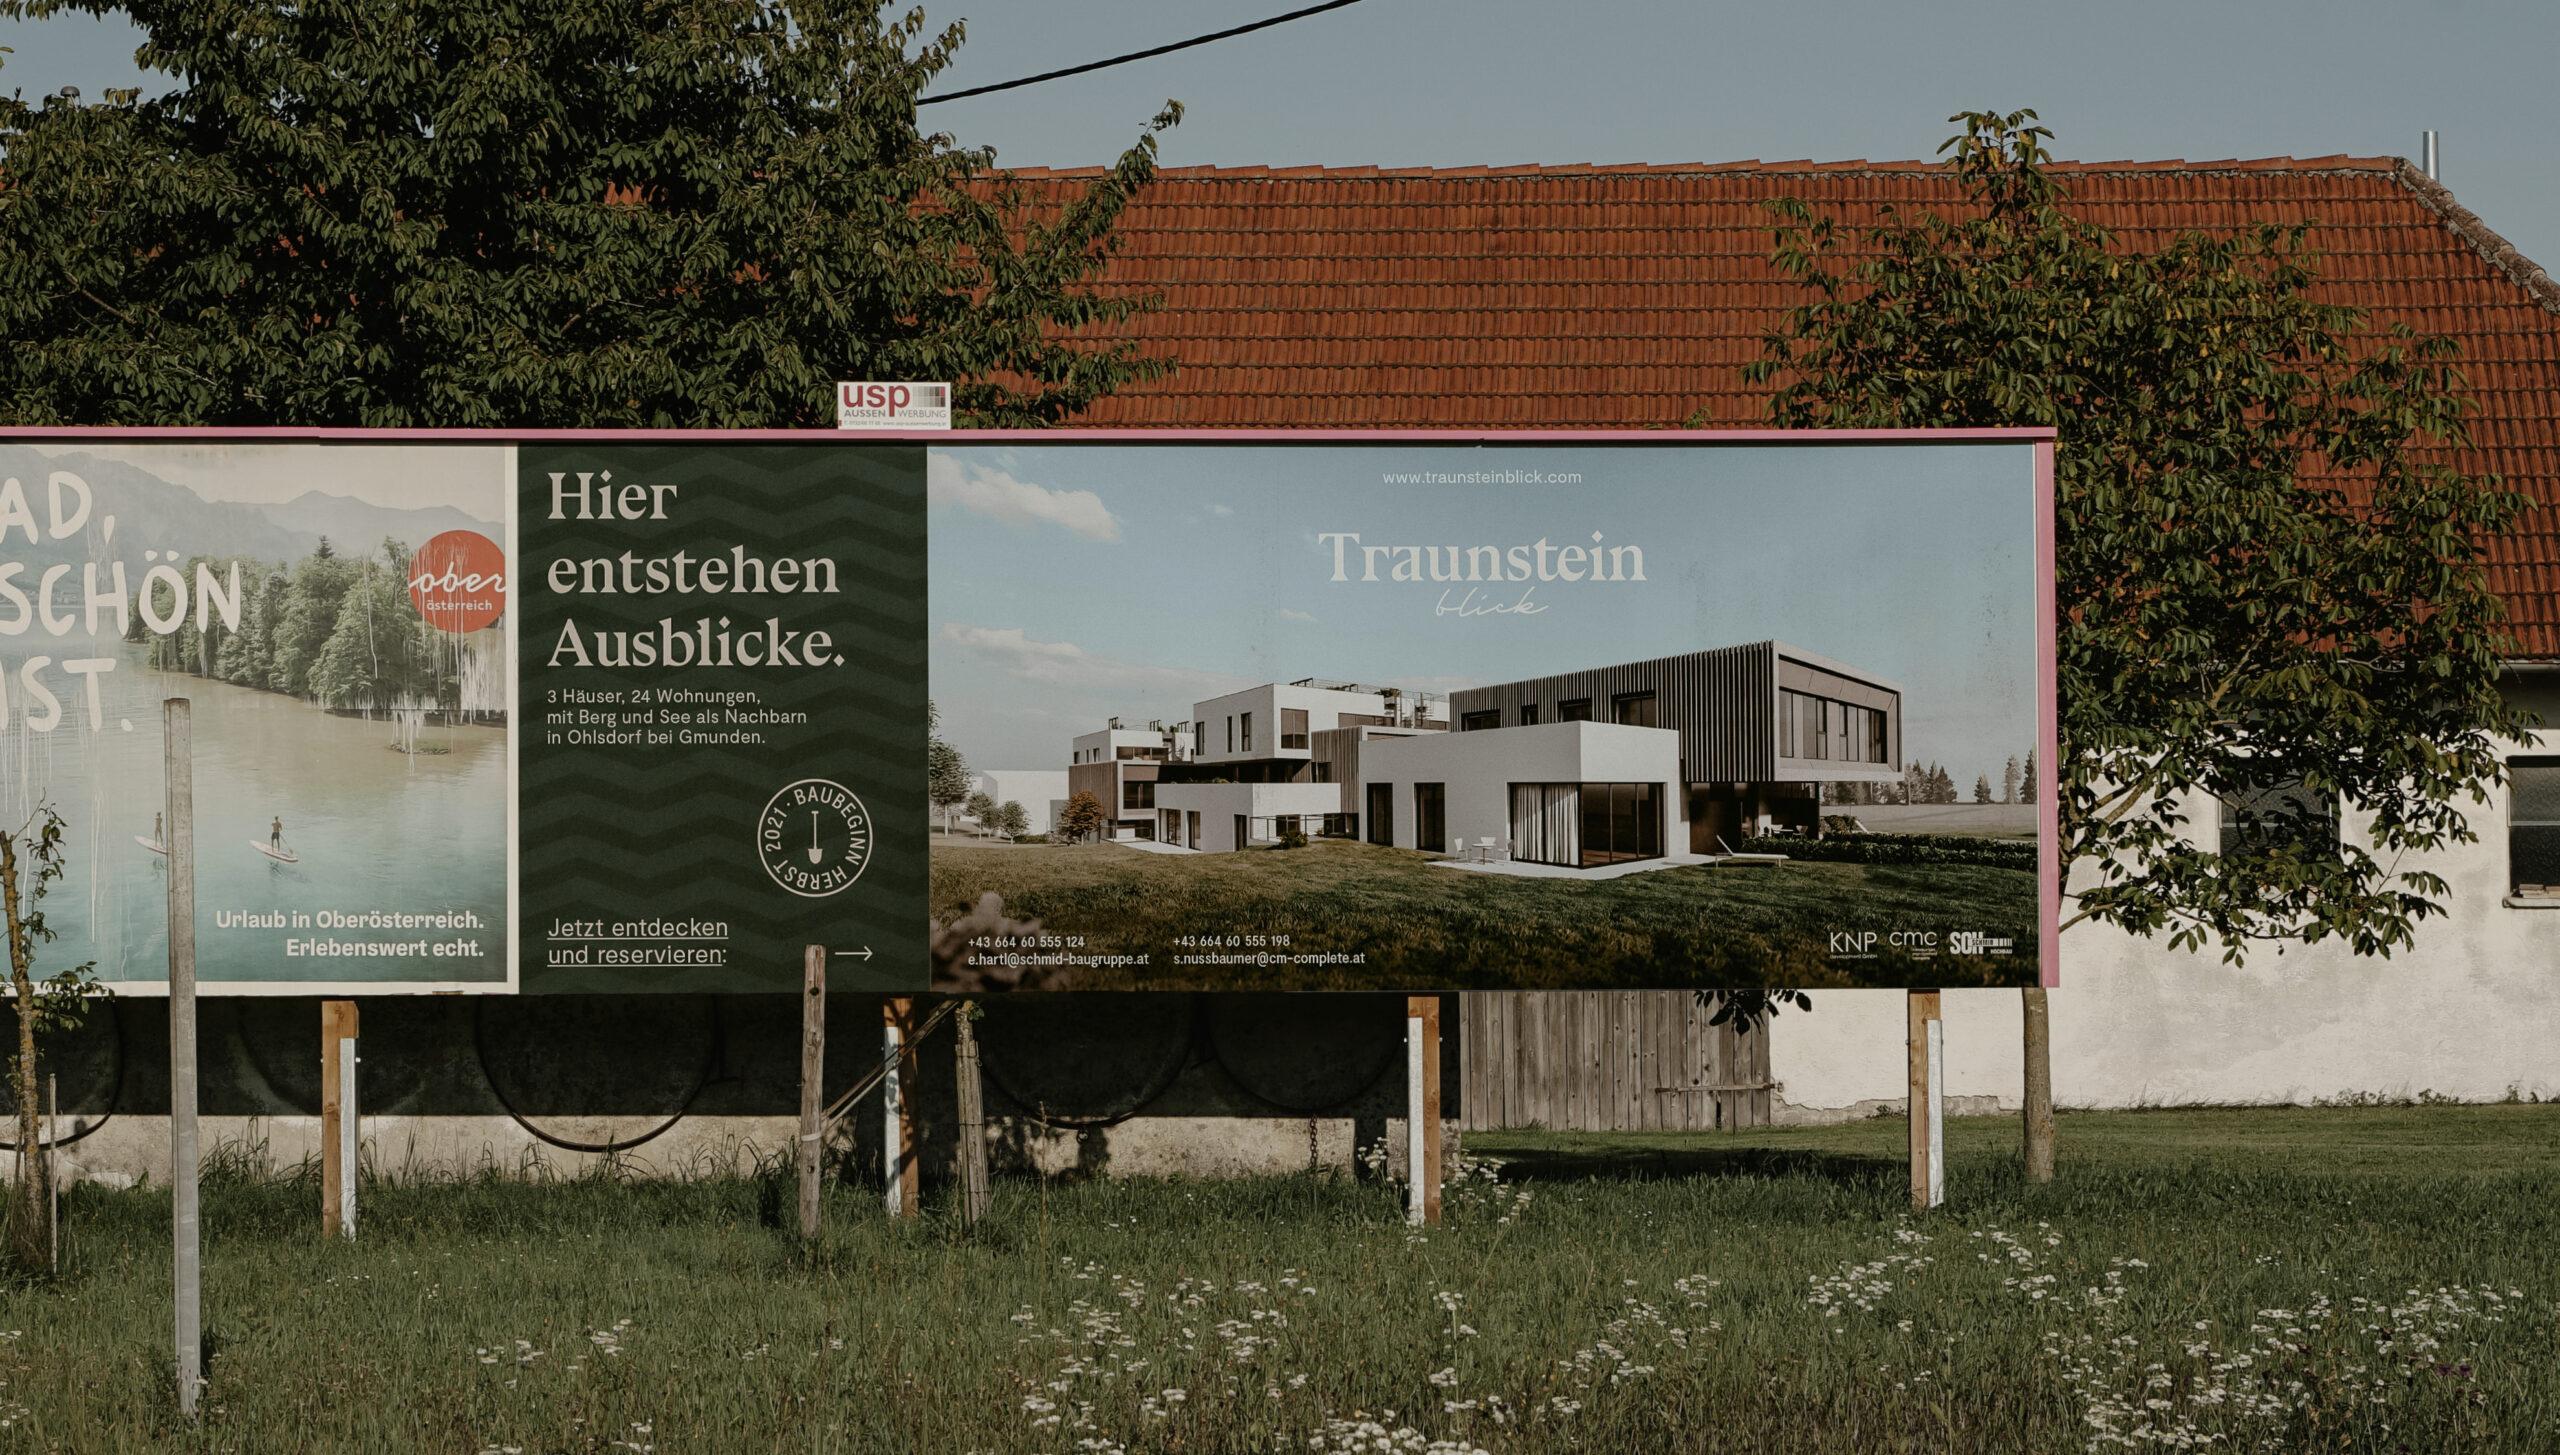 1900x1080_Traunstein_16